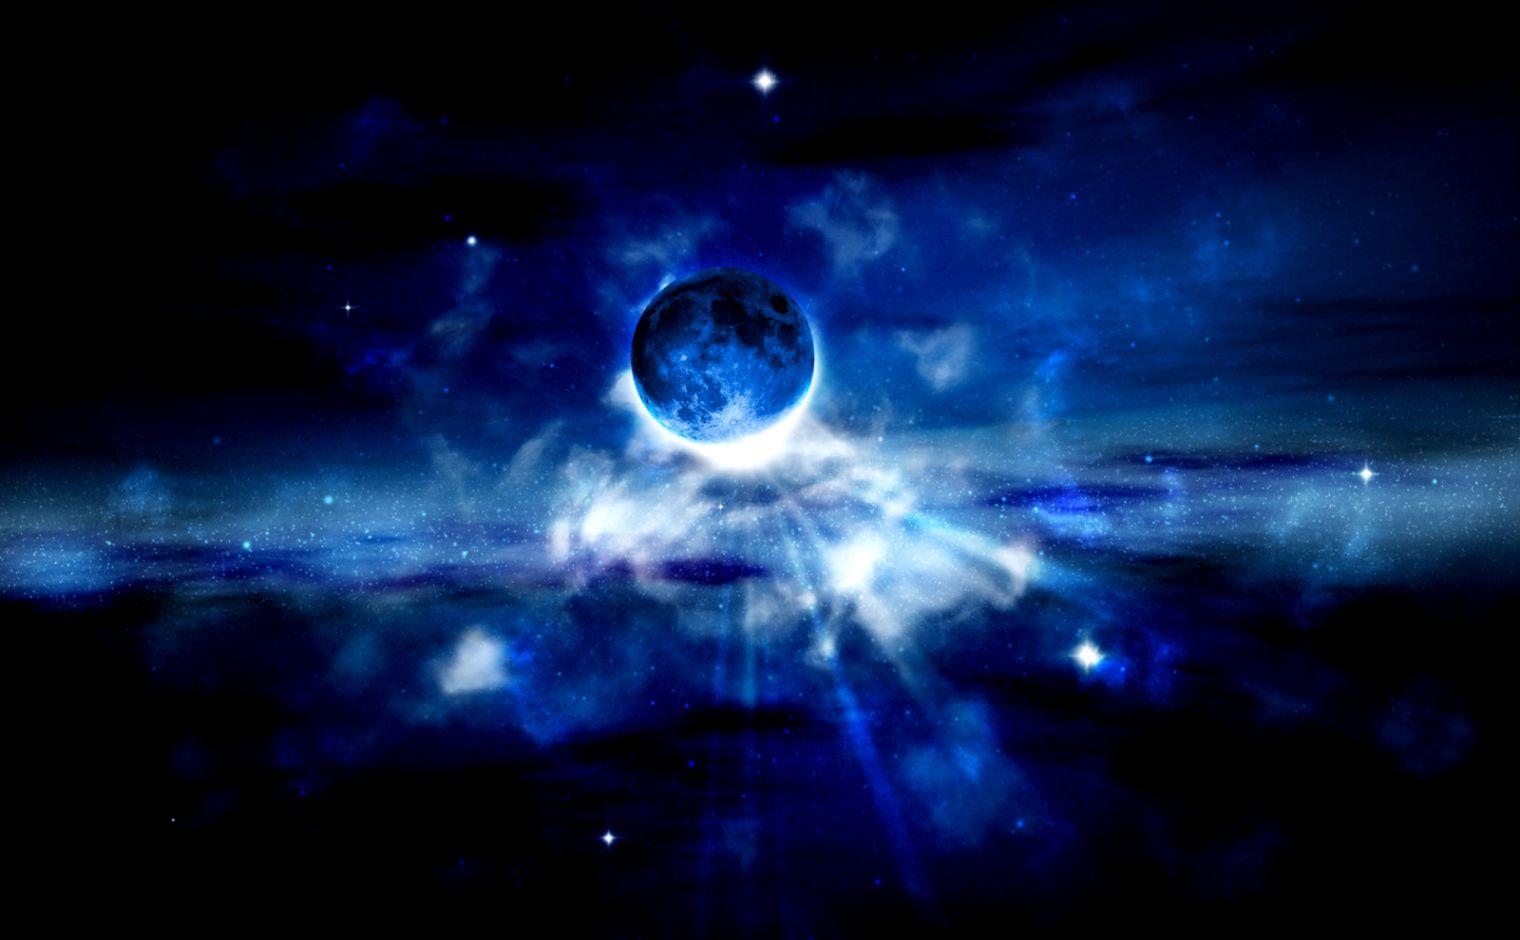 Blue Space Wallpaper   WallpaperSafari